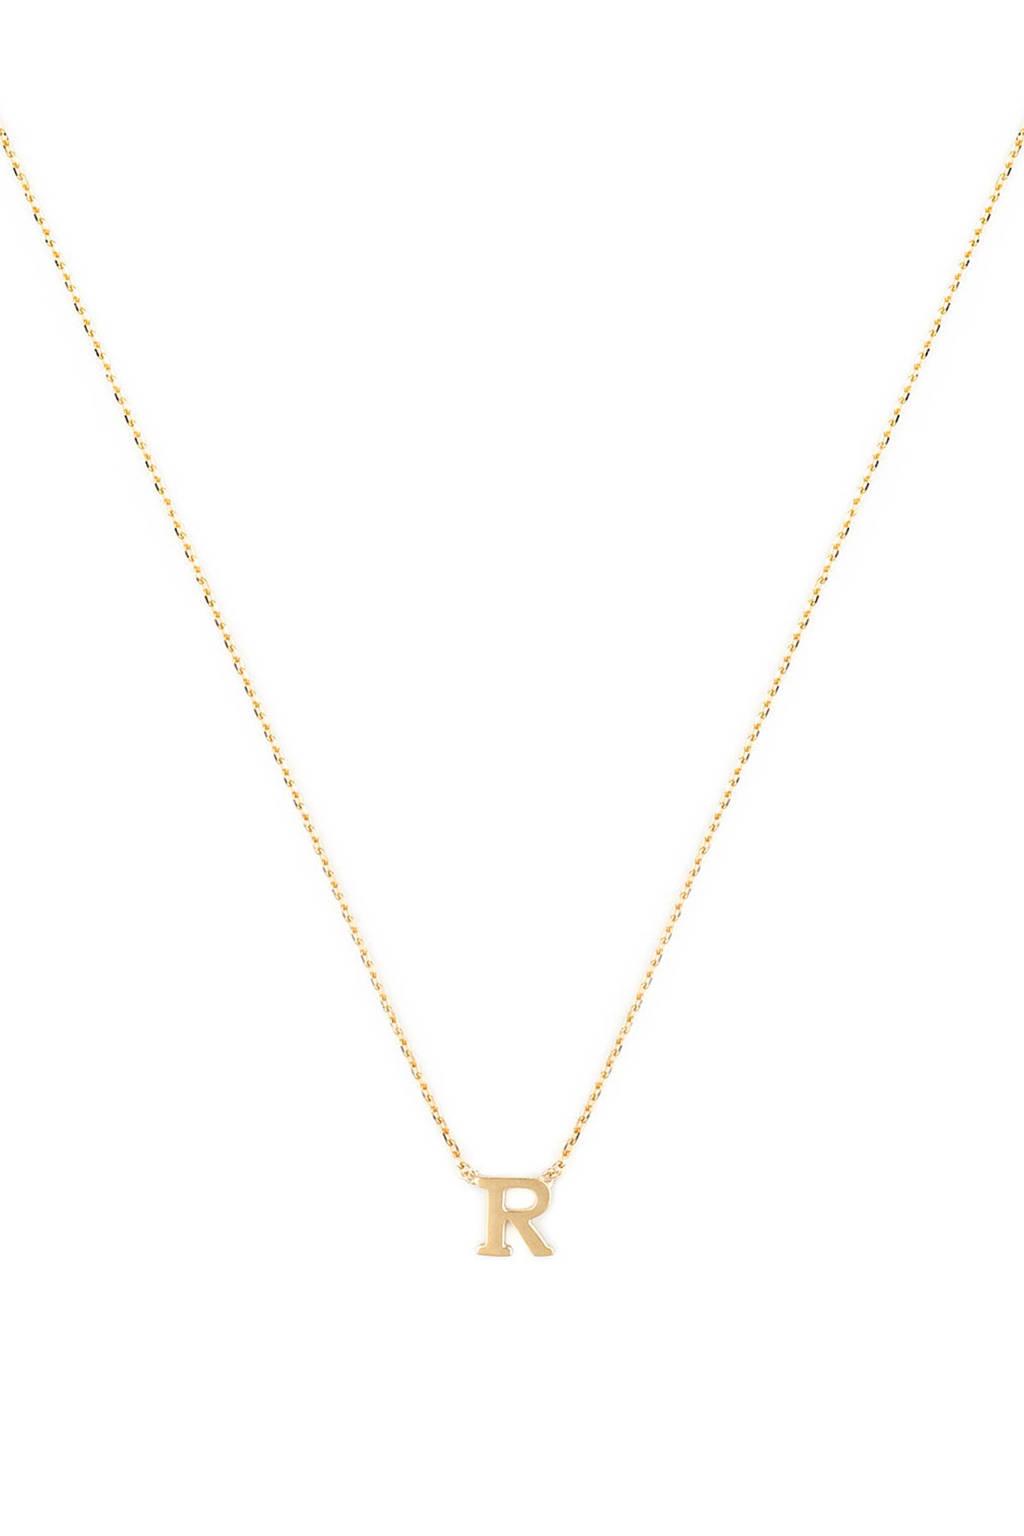 Isabel Bernard 14 karaat gouden ketting letter R - IB1001187-R, Goud